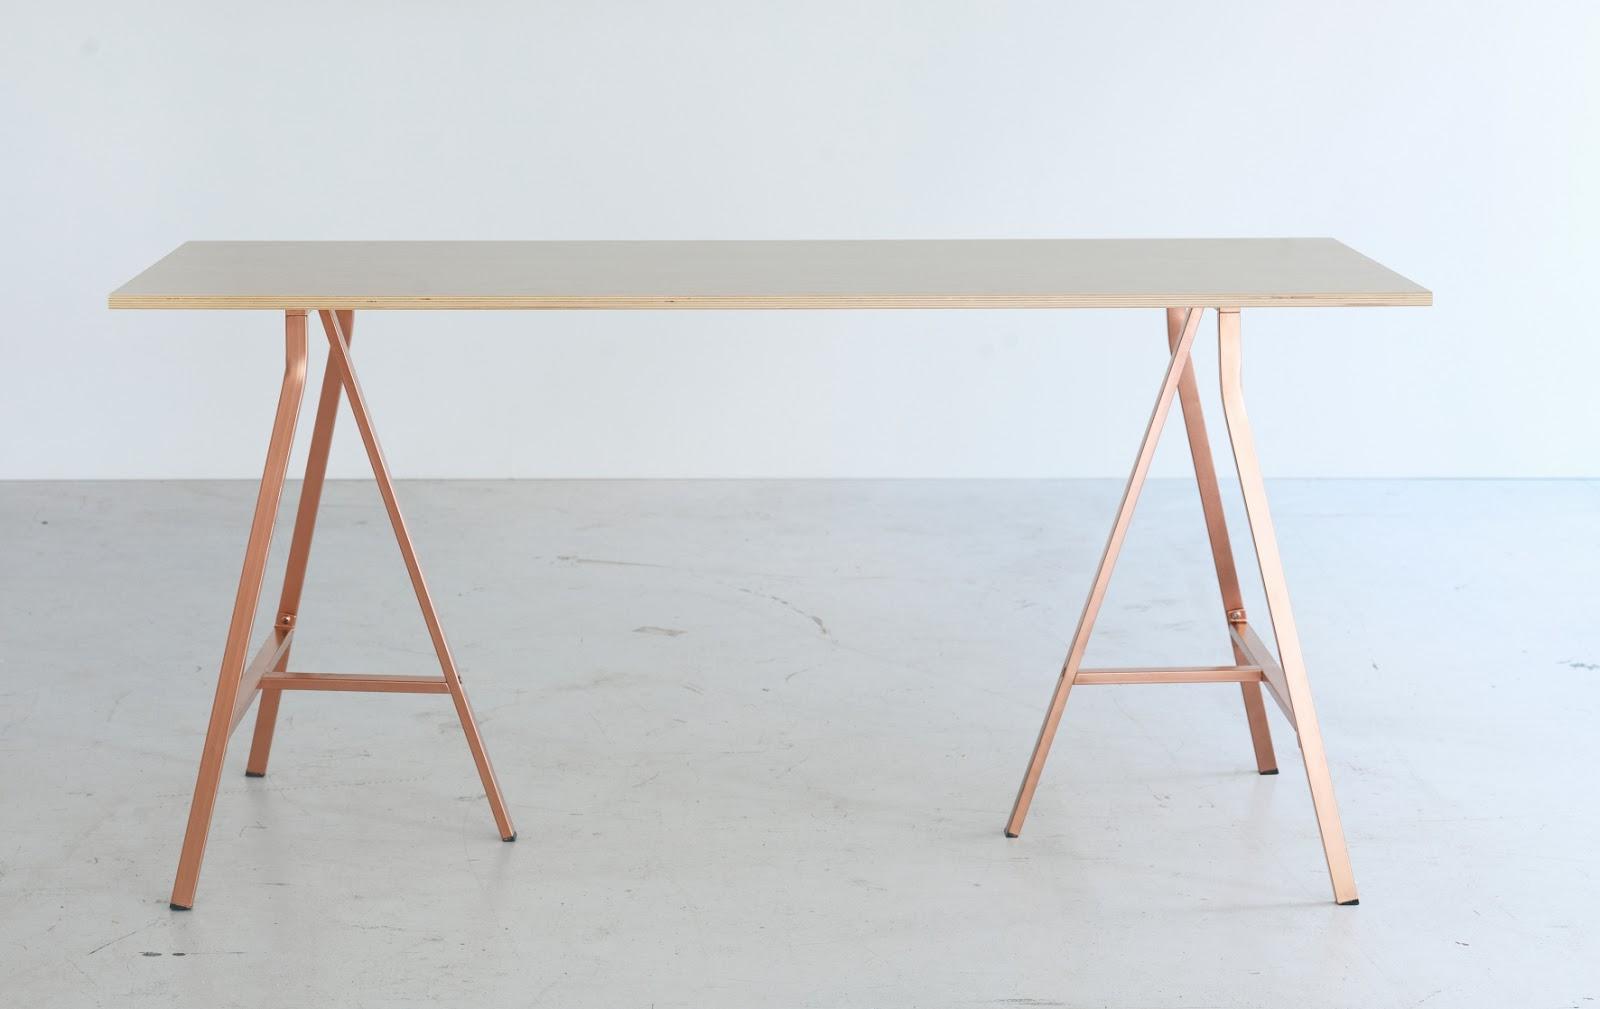 Ikea Bråkig